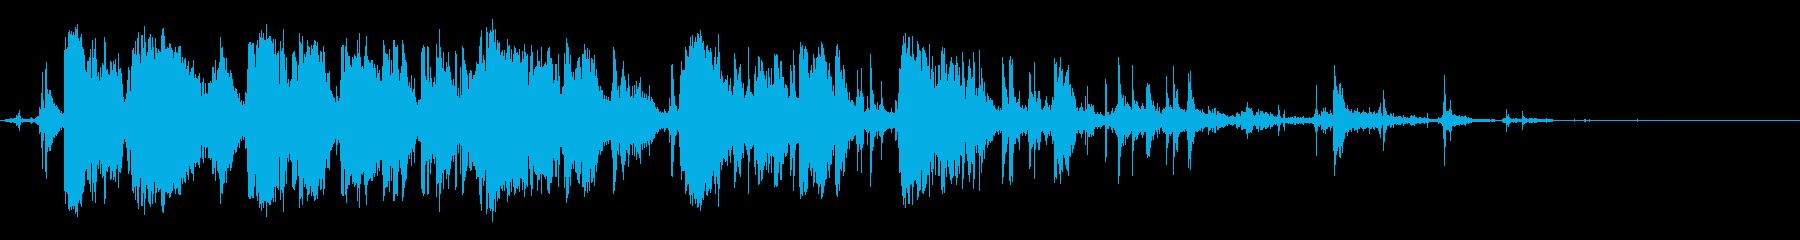 ビッグウッドクラッシュアンドスプリ...の再生済みの波形